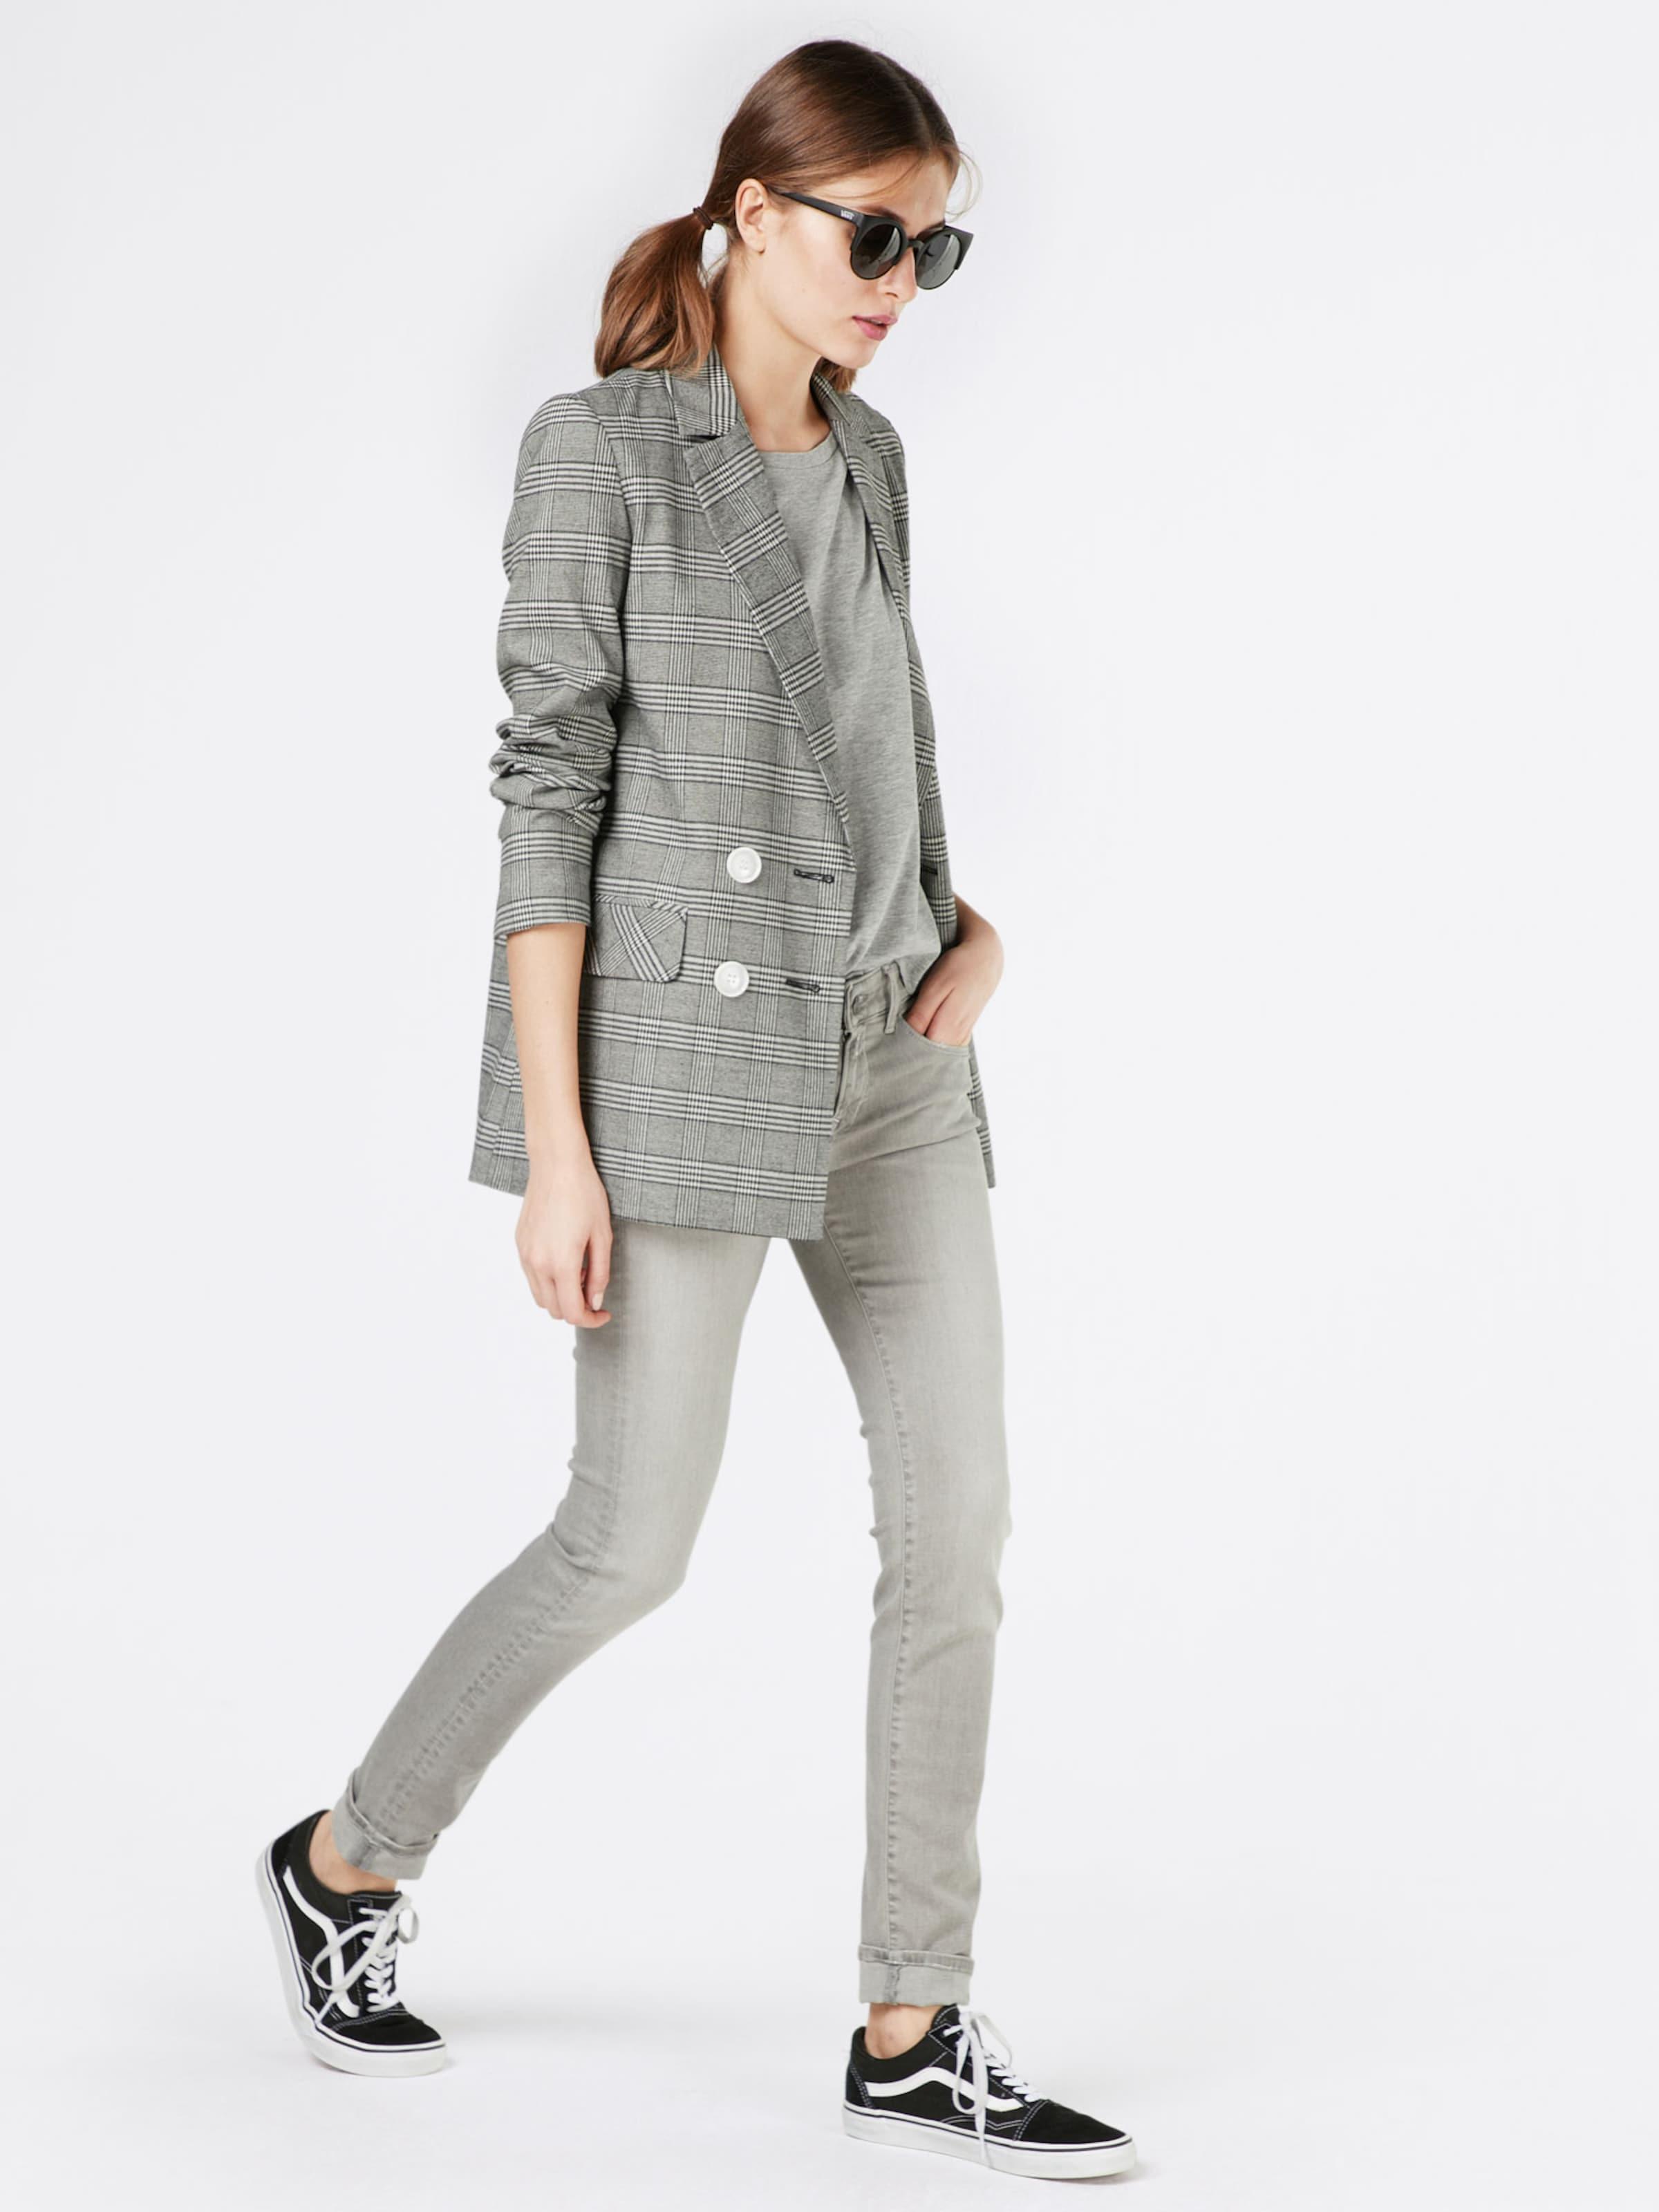 Hohe Qualität Günstiger Preis REPLAY Jeans 'ROSE' Günstiges Online-Shopping Speicher Mit Großem Rabatt srK8O